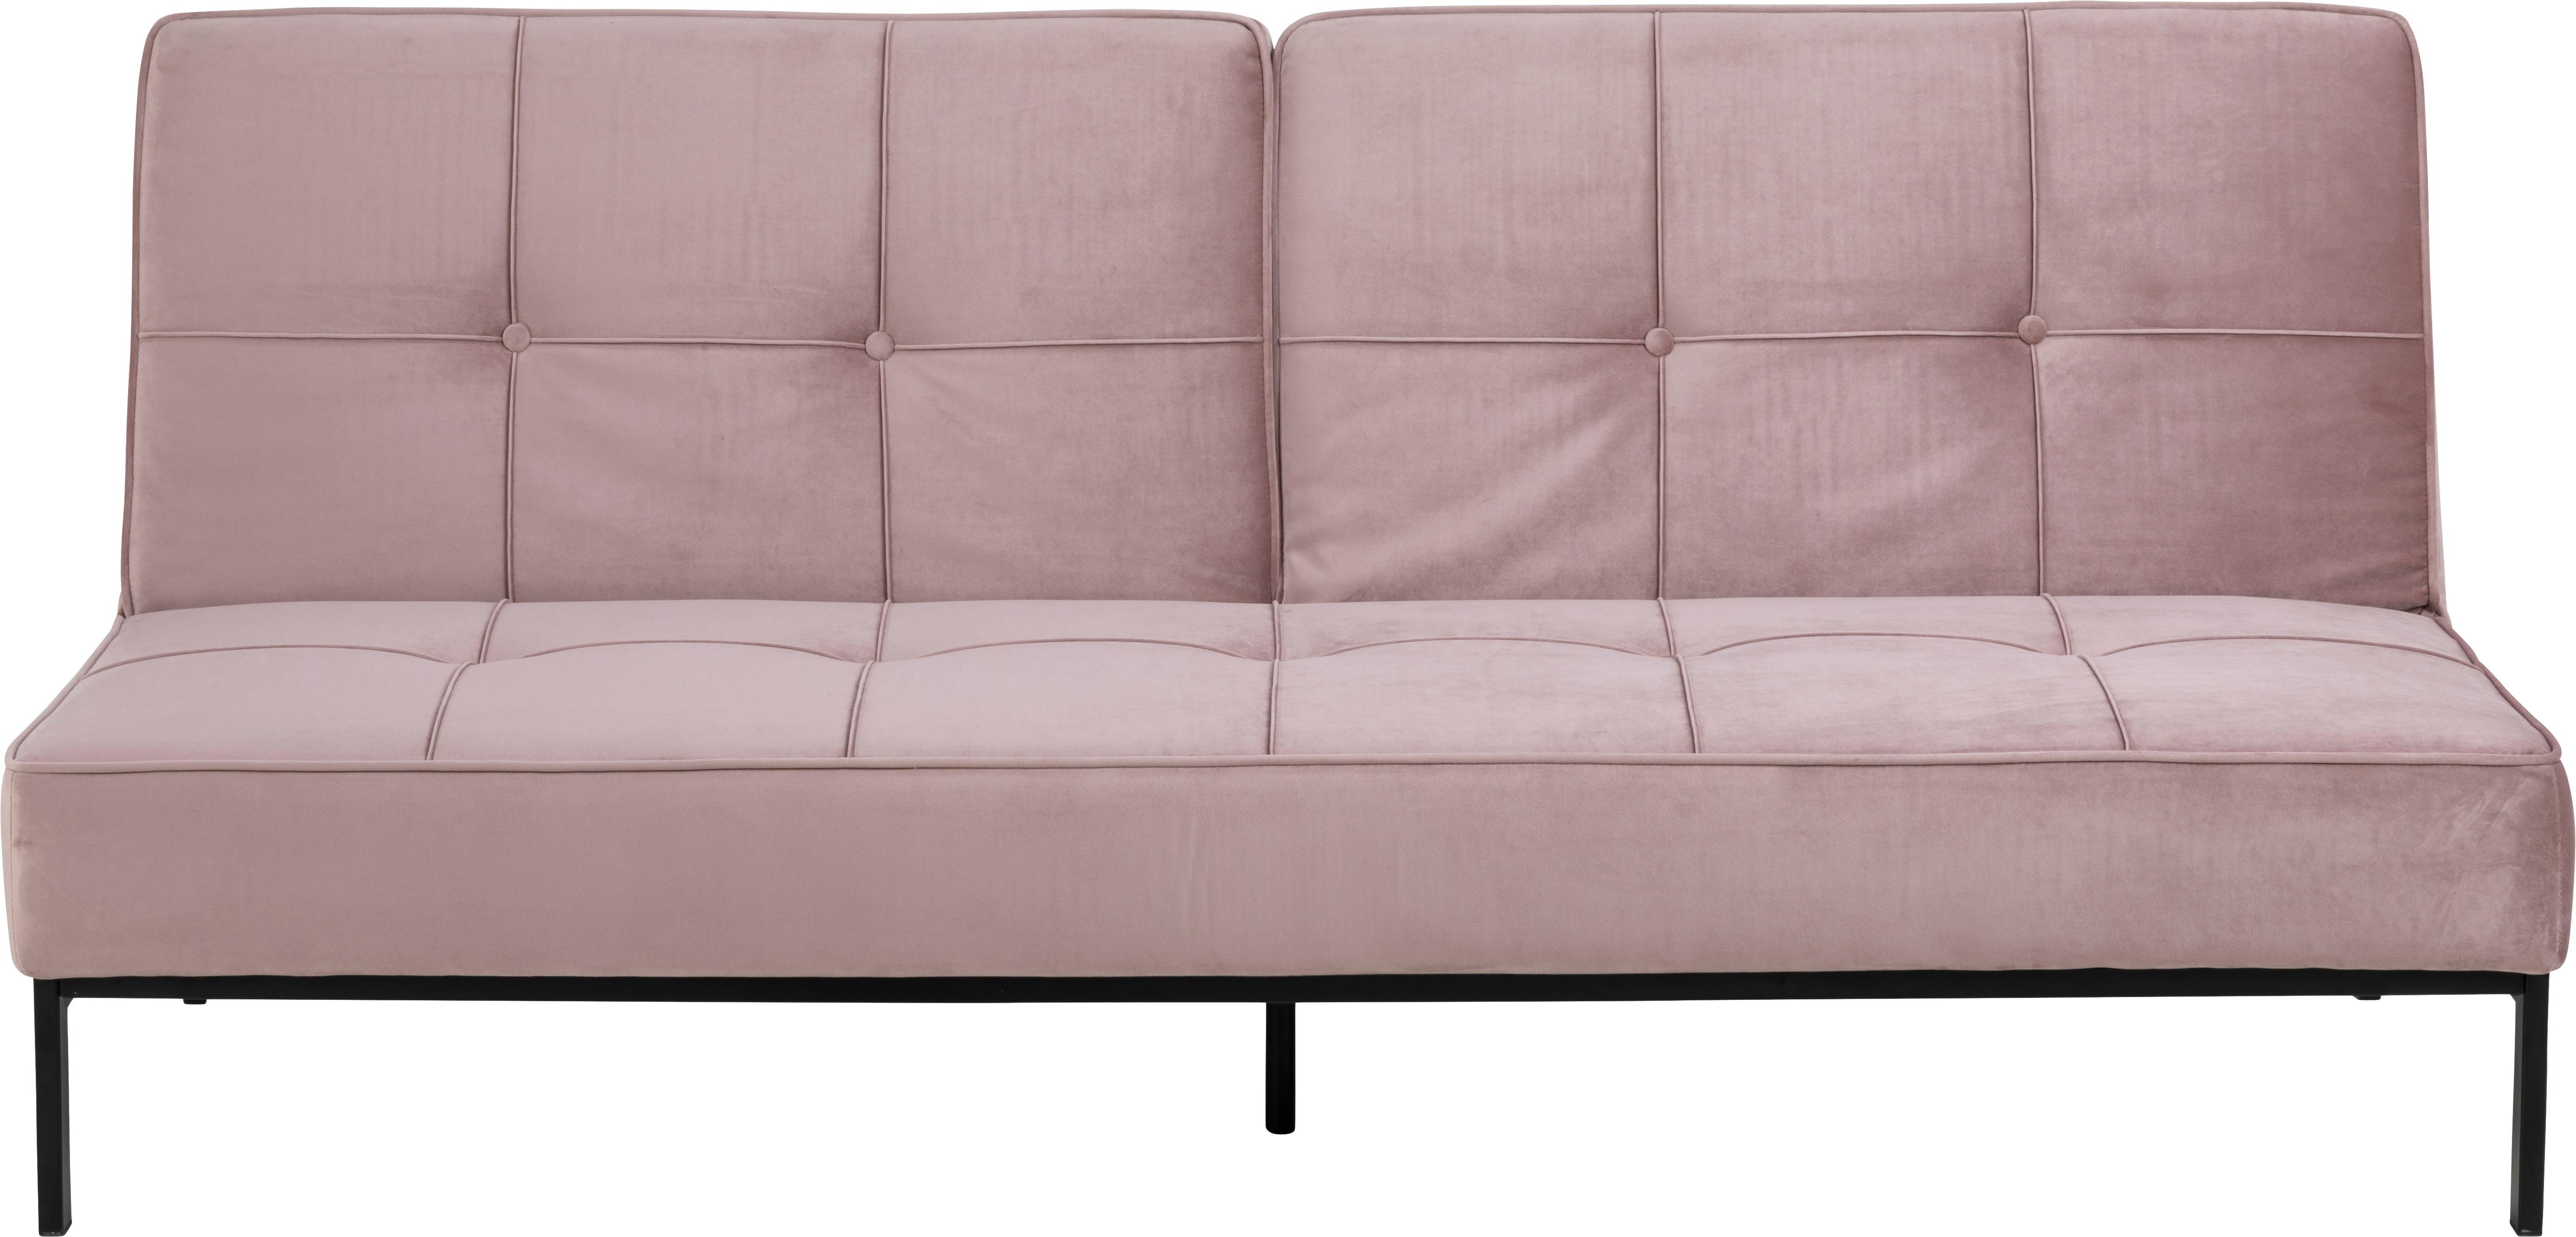 Sofa rozkładana z aksamitu Perugia (2-osobowa), Tapicerka: aksamit poliestrowy 2500, Nogi: metal lakierowany, Aksamitny blady różowy, S 198 x G 95 cm